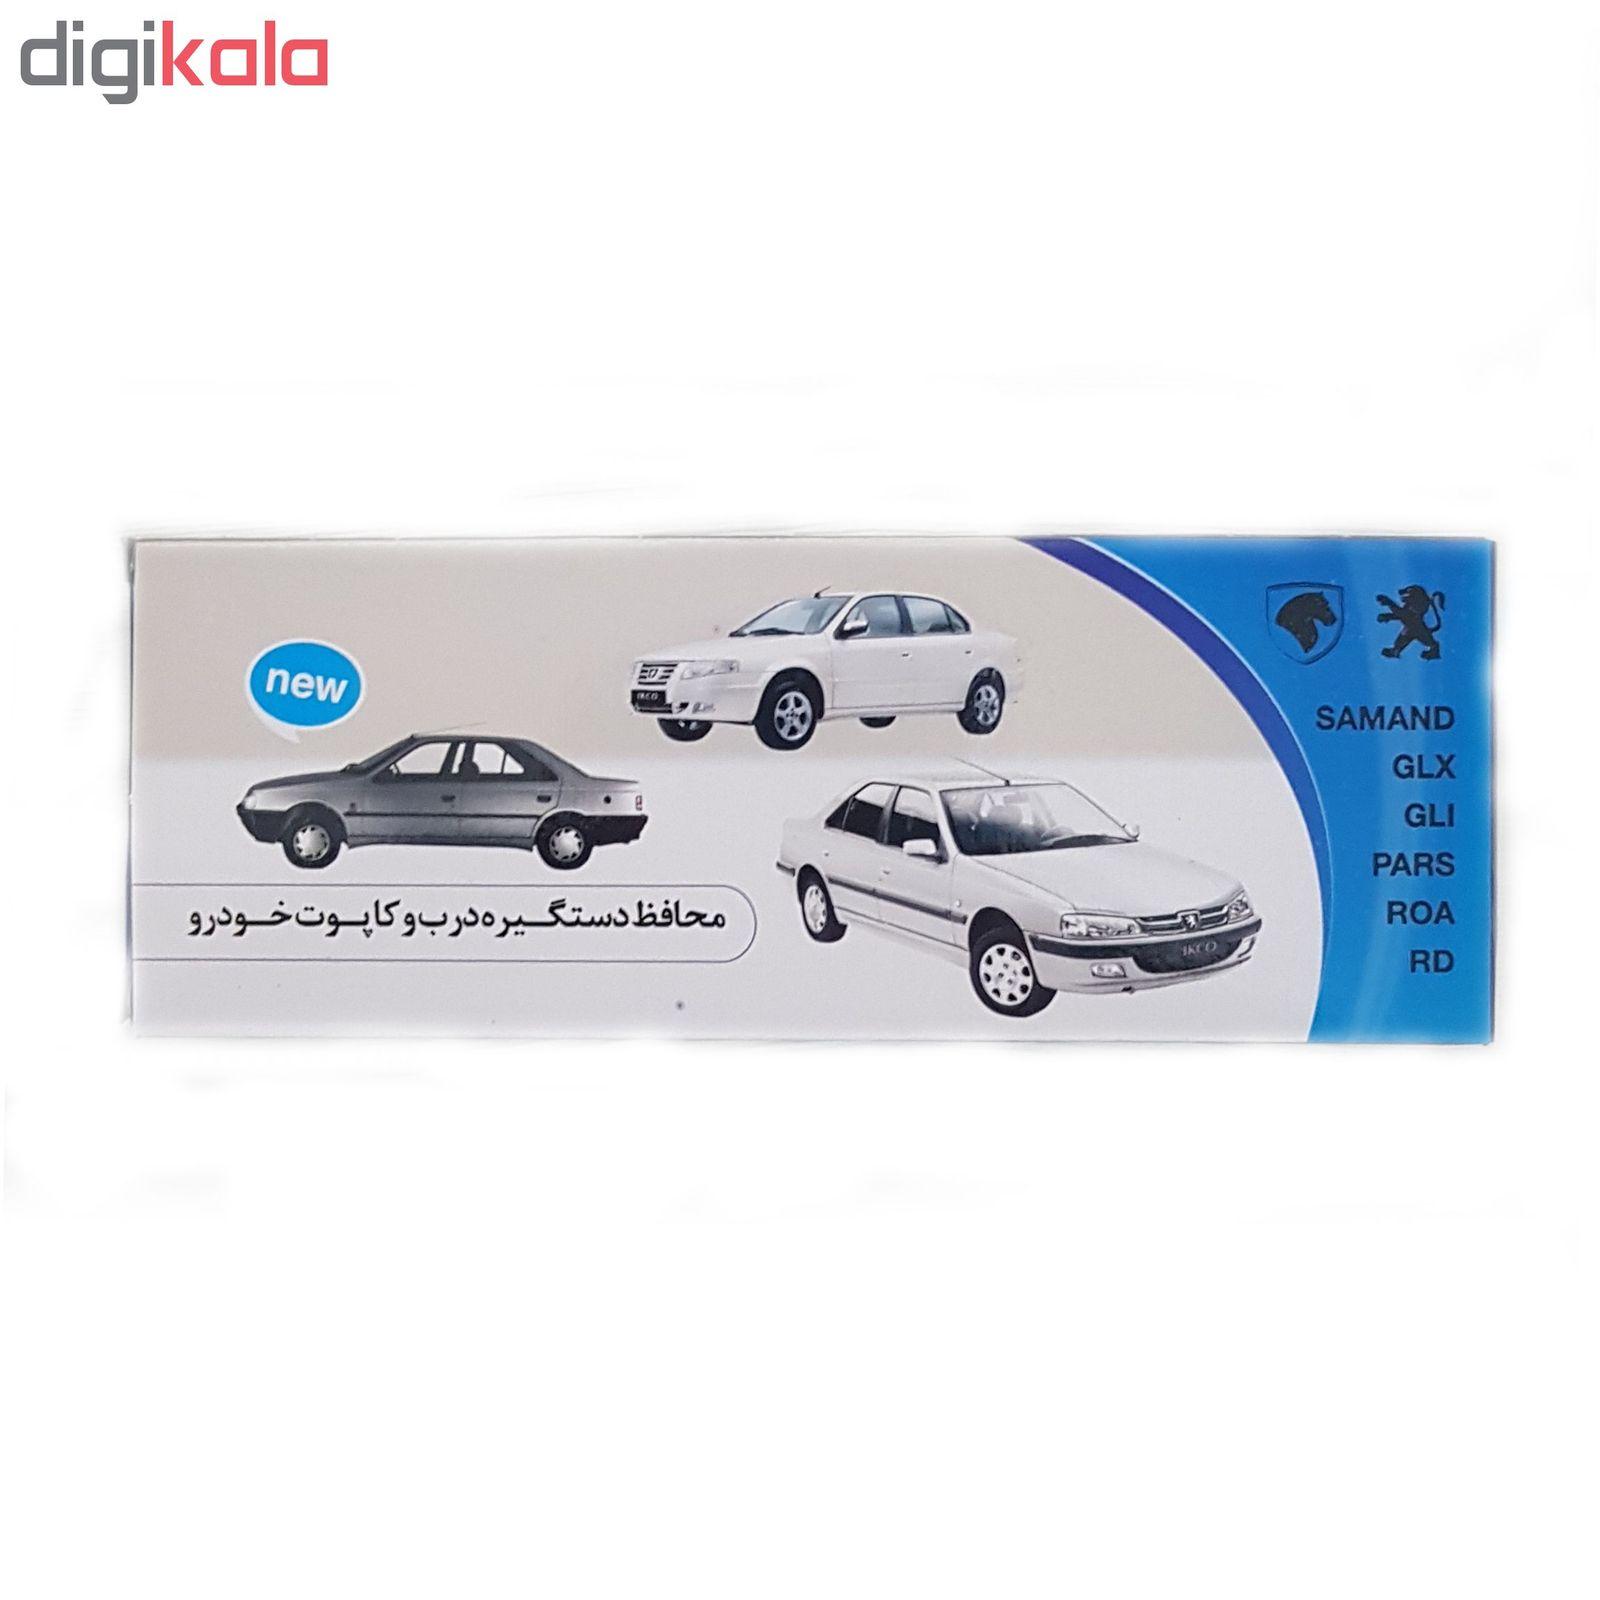 محافظ دستگیره درب و کاپوت خودرو ایمن صنعت کد22 مناسب برای پژو  405 بسته3 عددی main 1 1